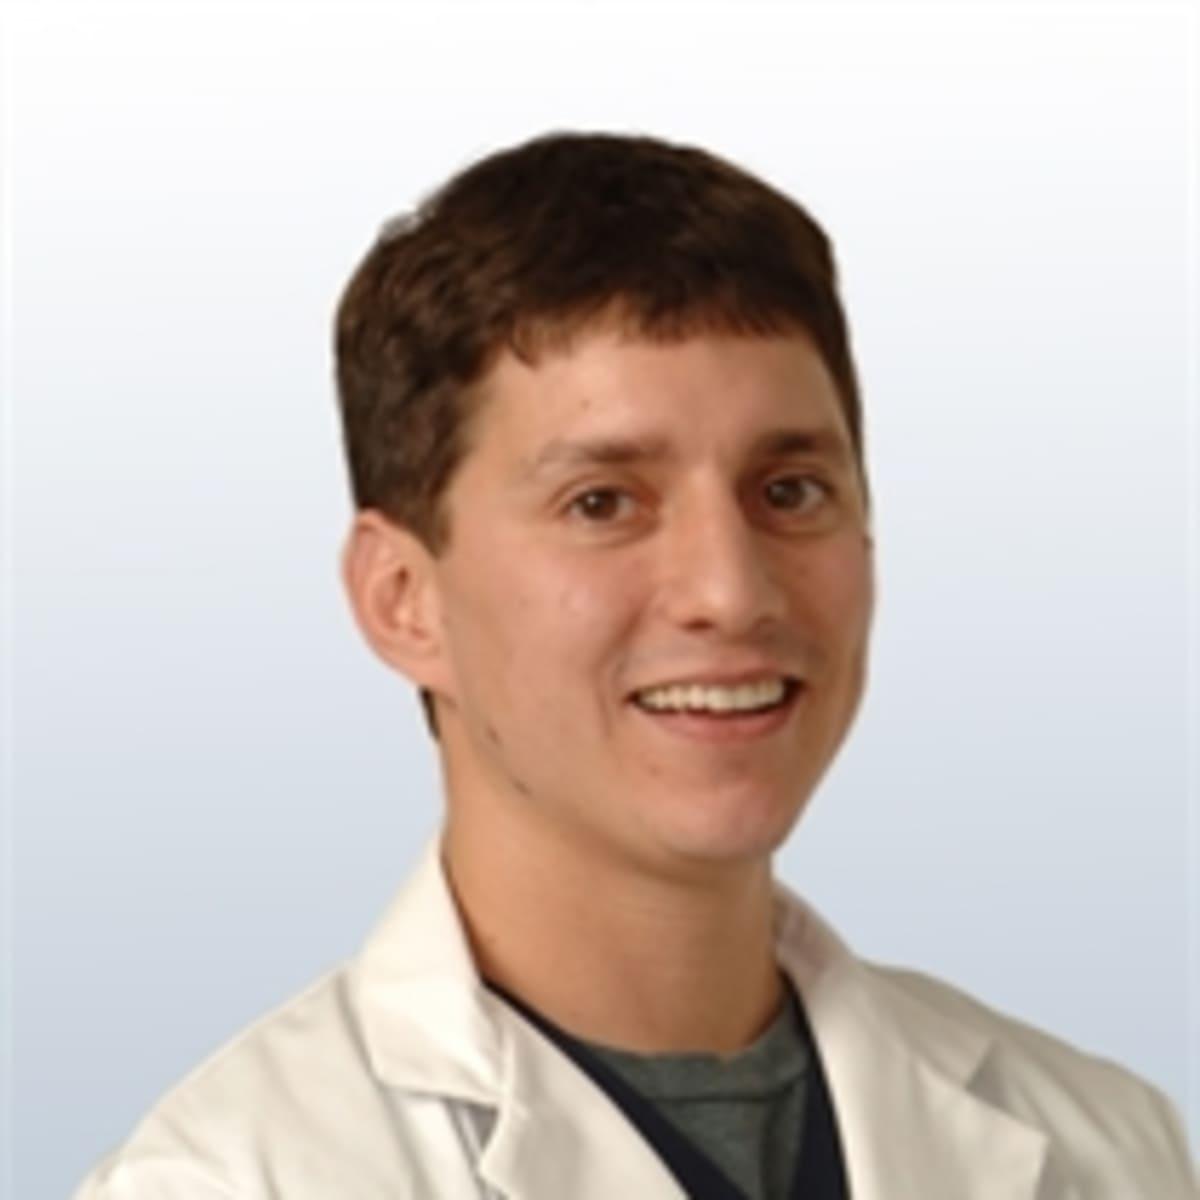 Dr. Justin Platzer, MD | Palm Beach Gardens, FL | Dermatologist